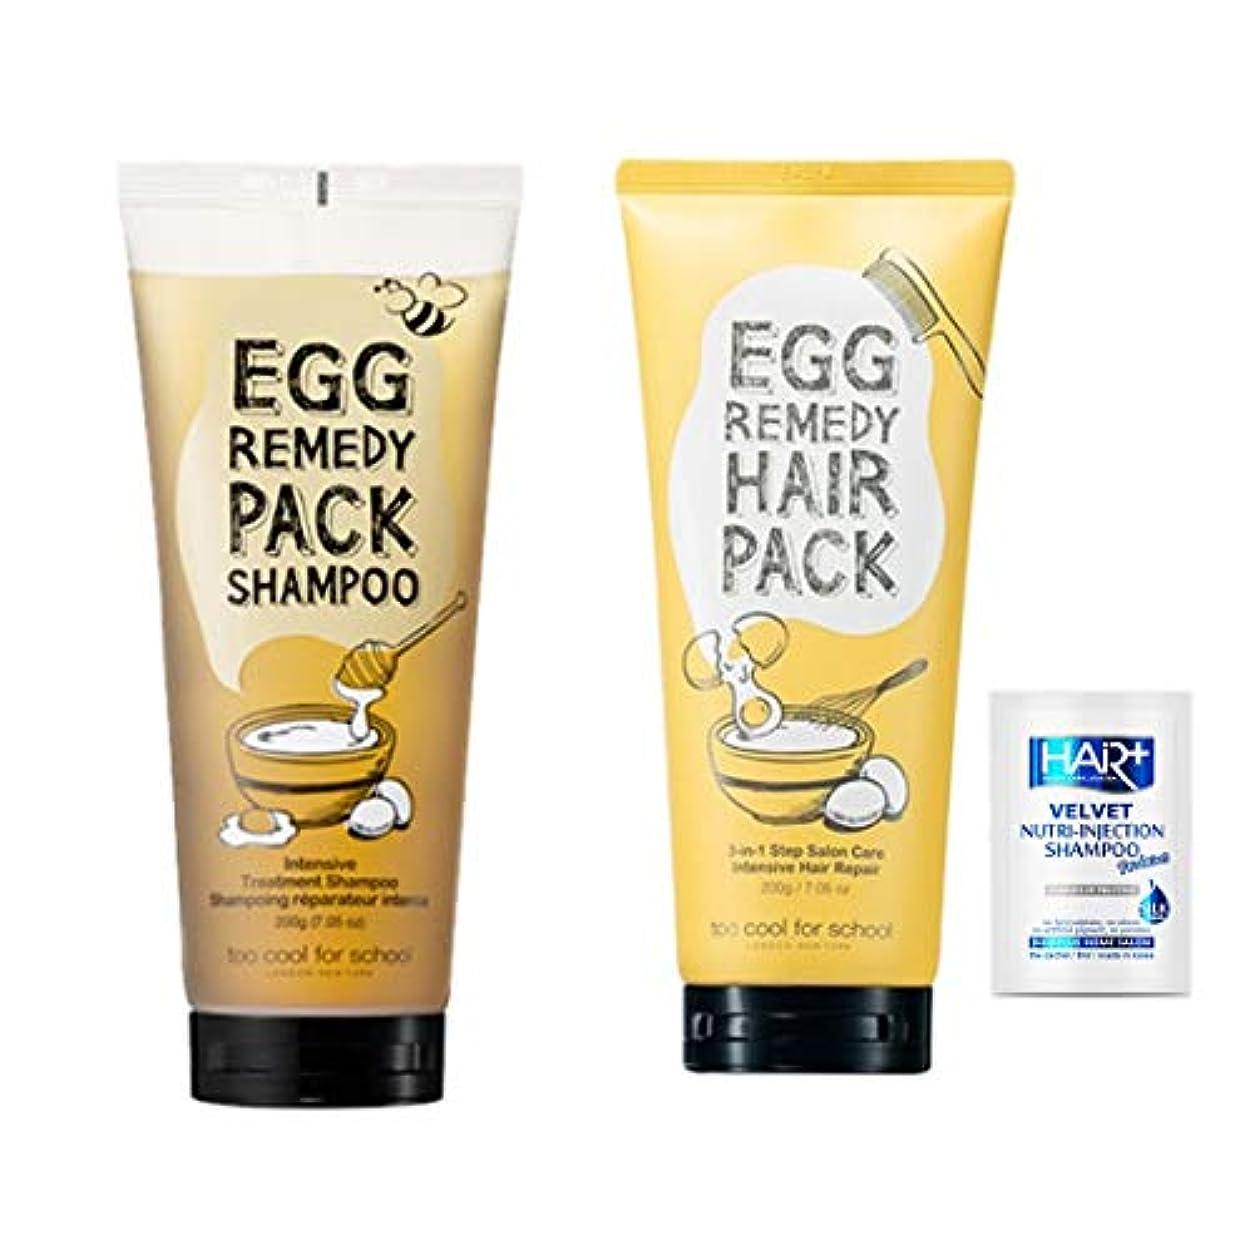 ポット松明バナートゥークールフォ―スクール(too cool for school)/エッグレミディパックシャンプーtoo cool for school Egg Remedy Pack Shampoo 200ml + エッグレミディヘアパック...